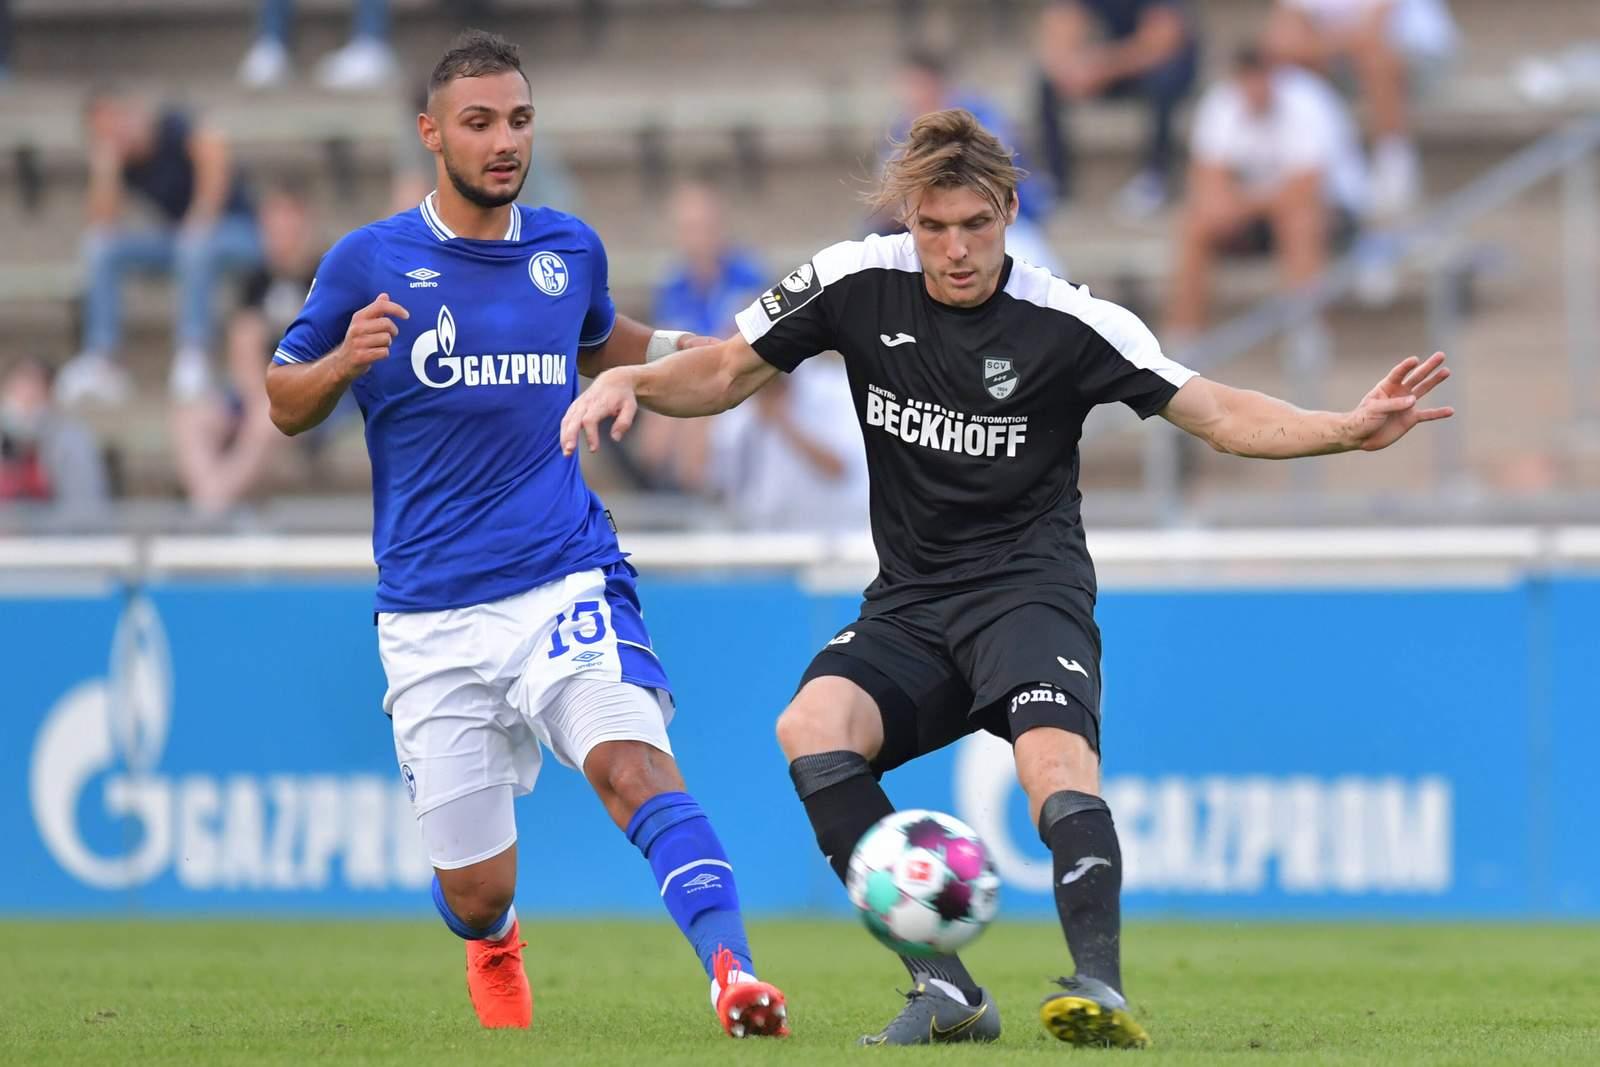 Leander Siemann vom SC Verl gegen Ahmed Kutucu von Schalke 04